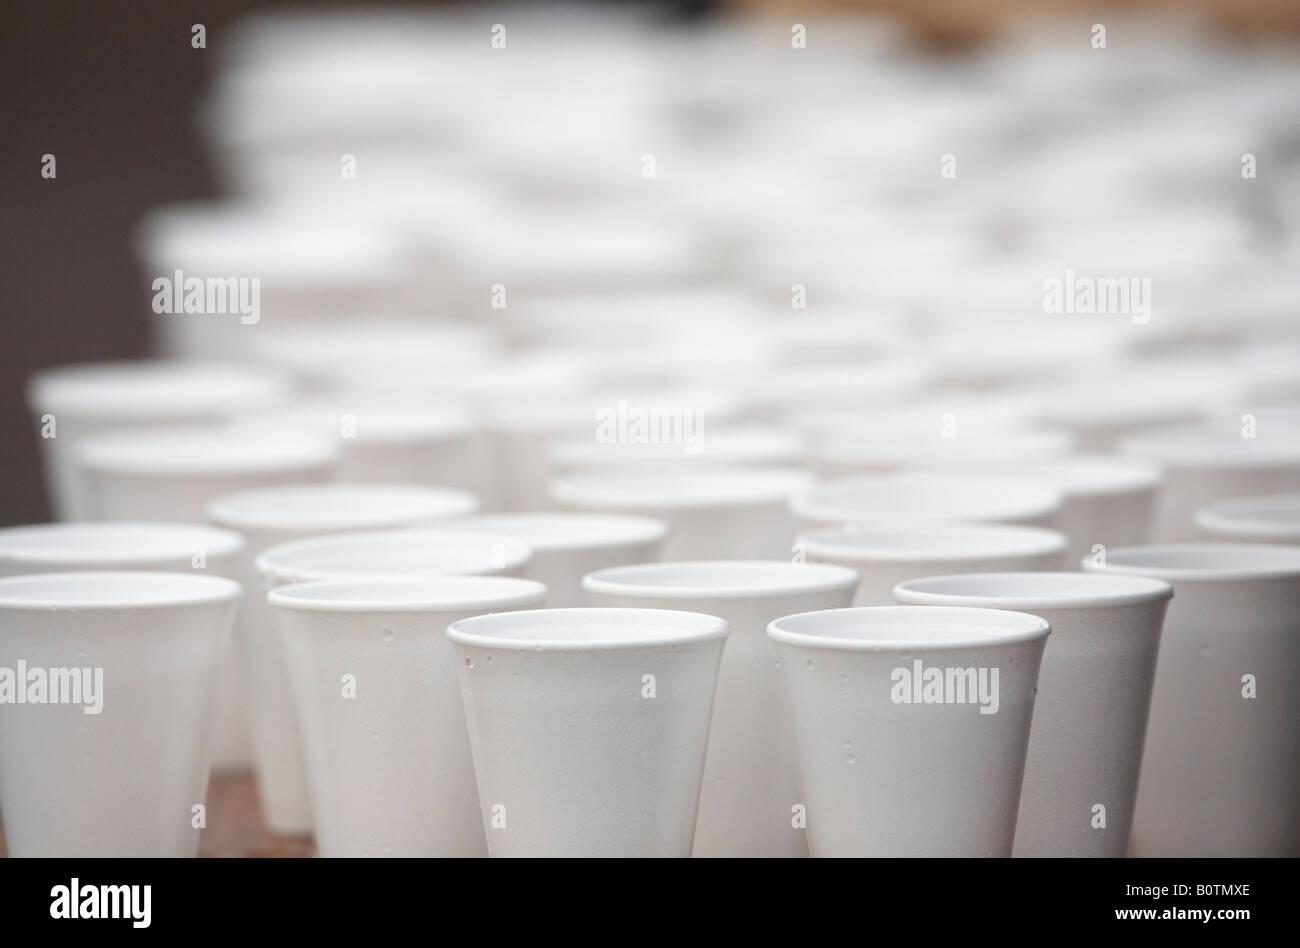 Polistirene styrofoam tazze piene di acqua seduto su un tavolo durante una maratona gara sportiva Immagini Stock